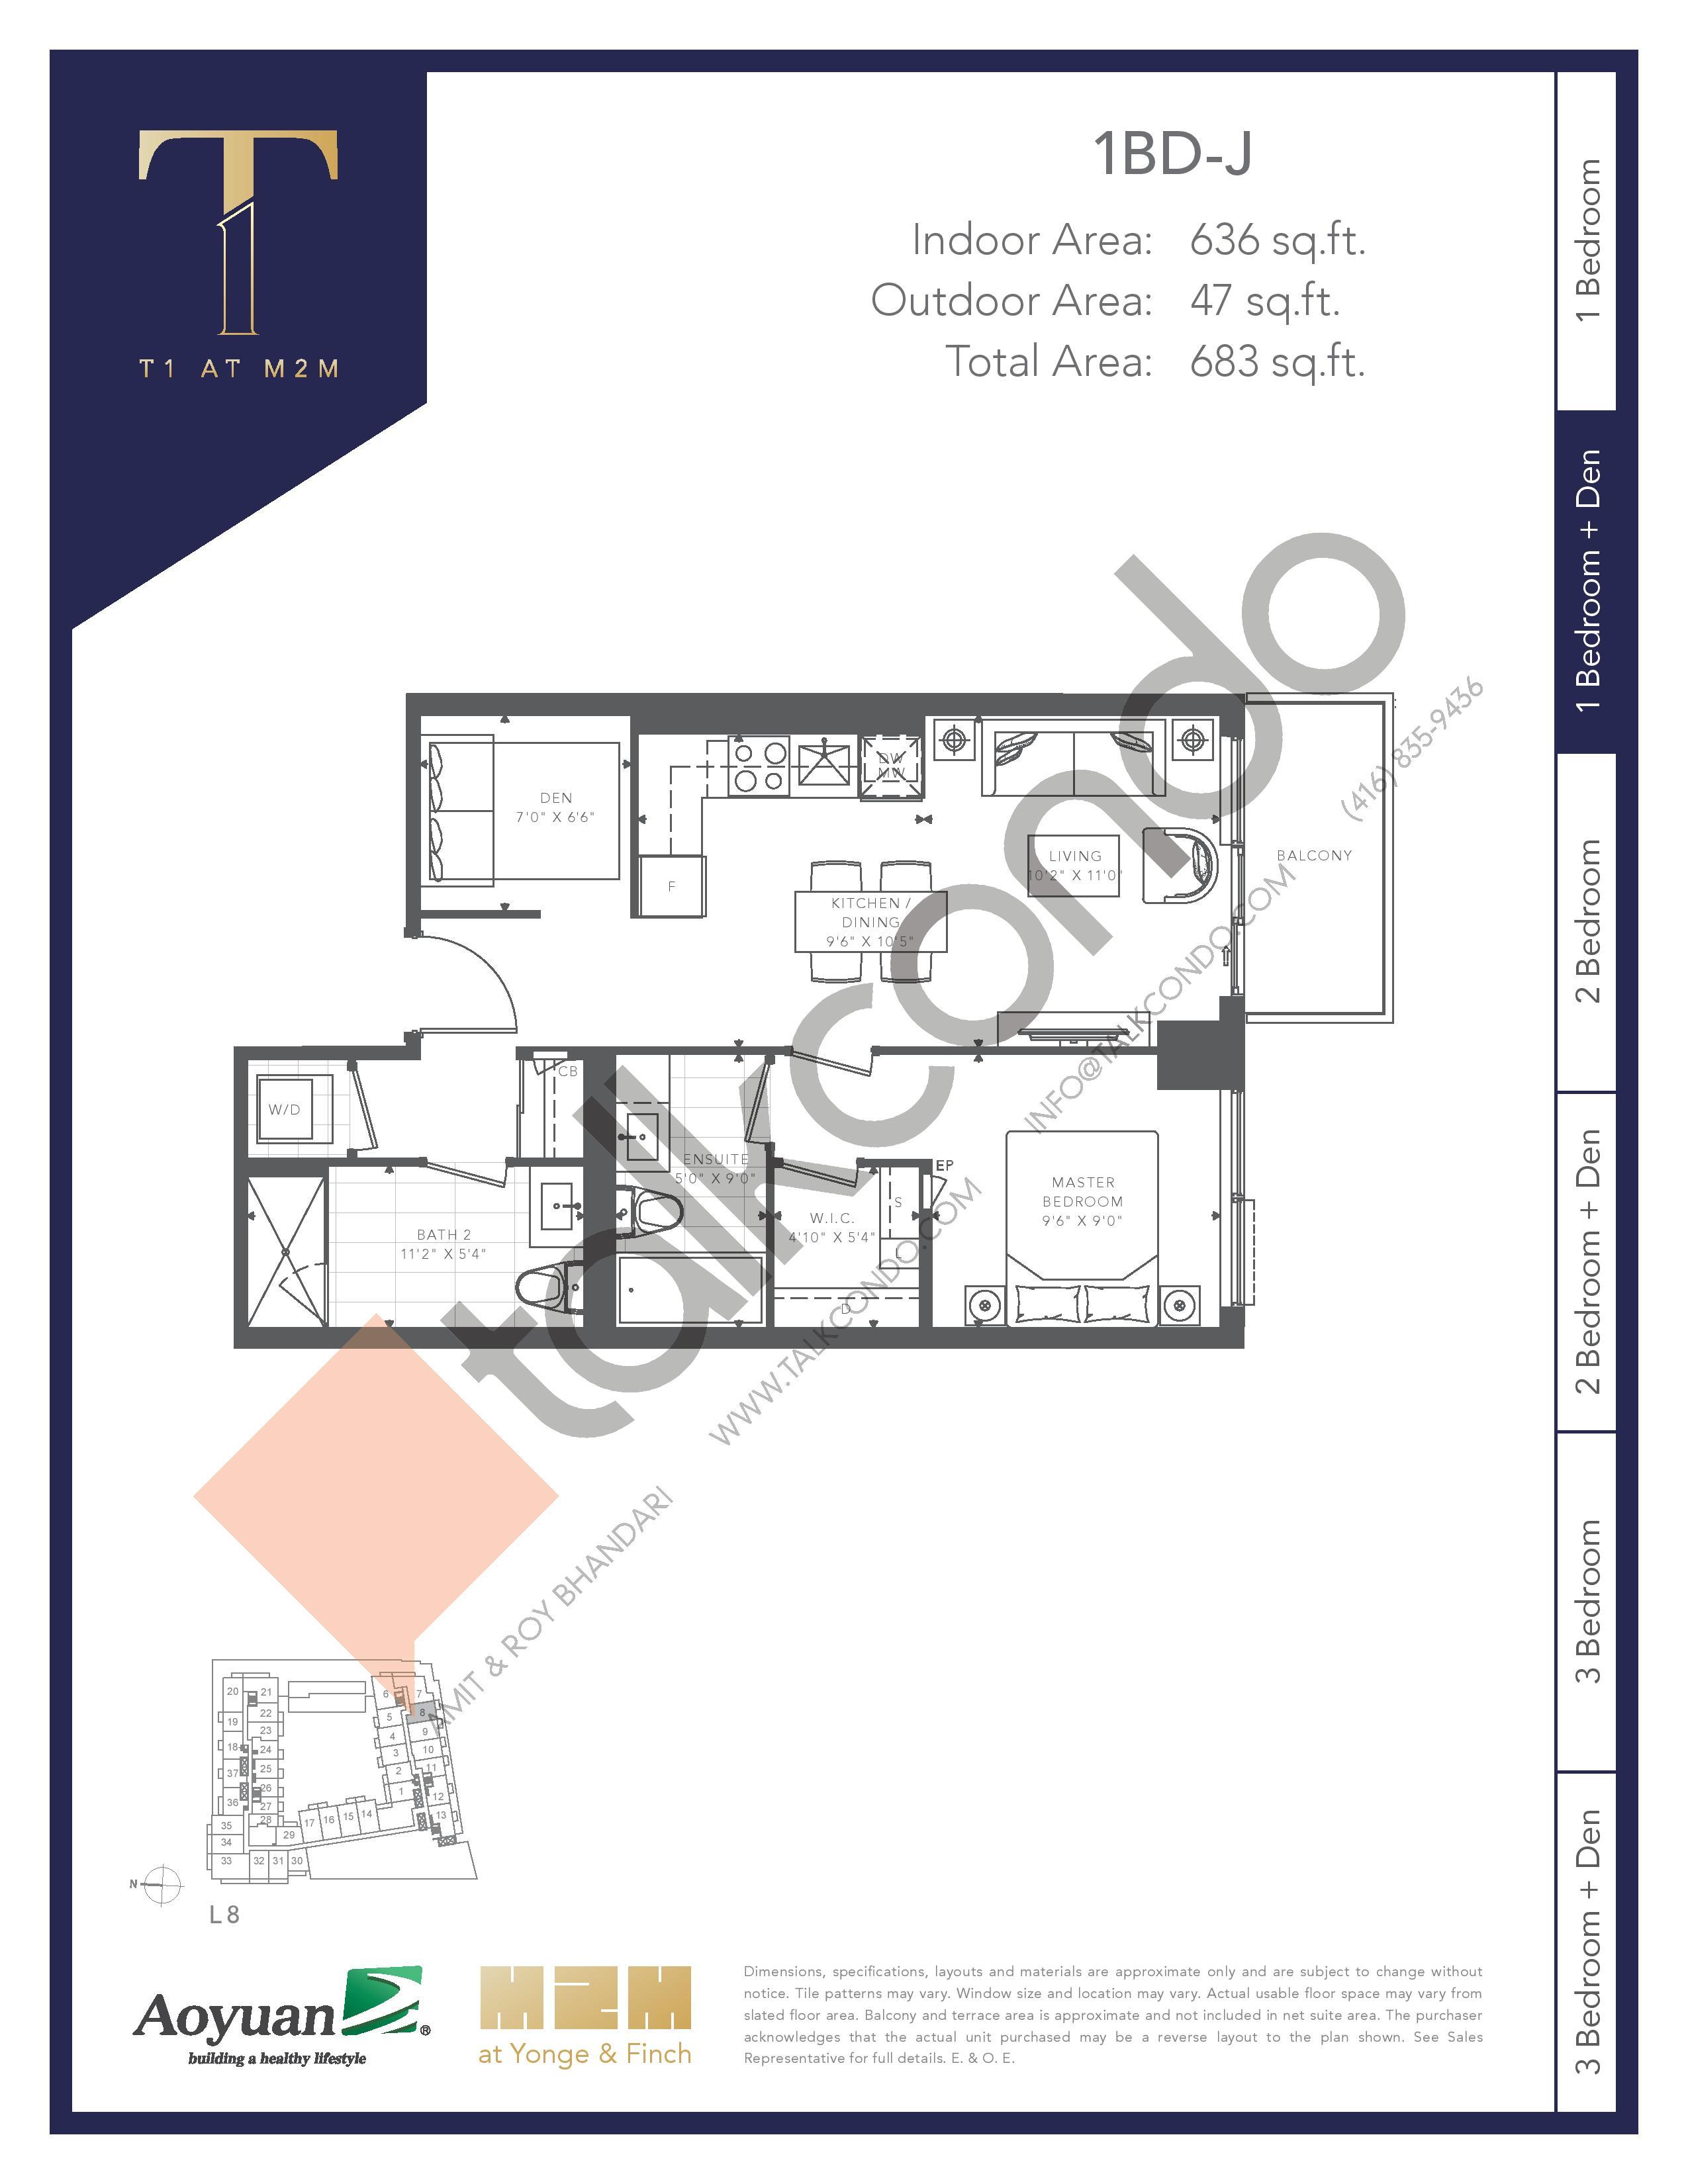 1BD-J Floor Plan at T1 at M2M Condos - 636 sq.ft